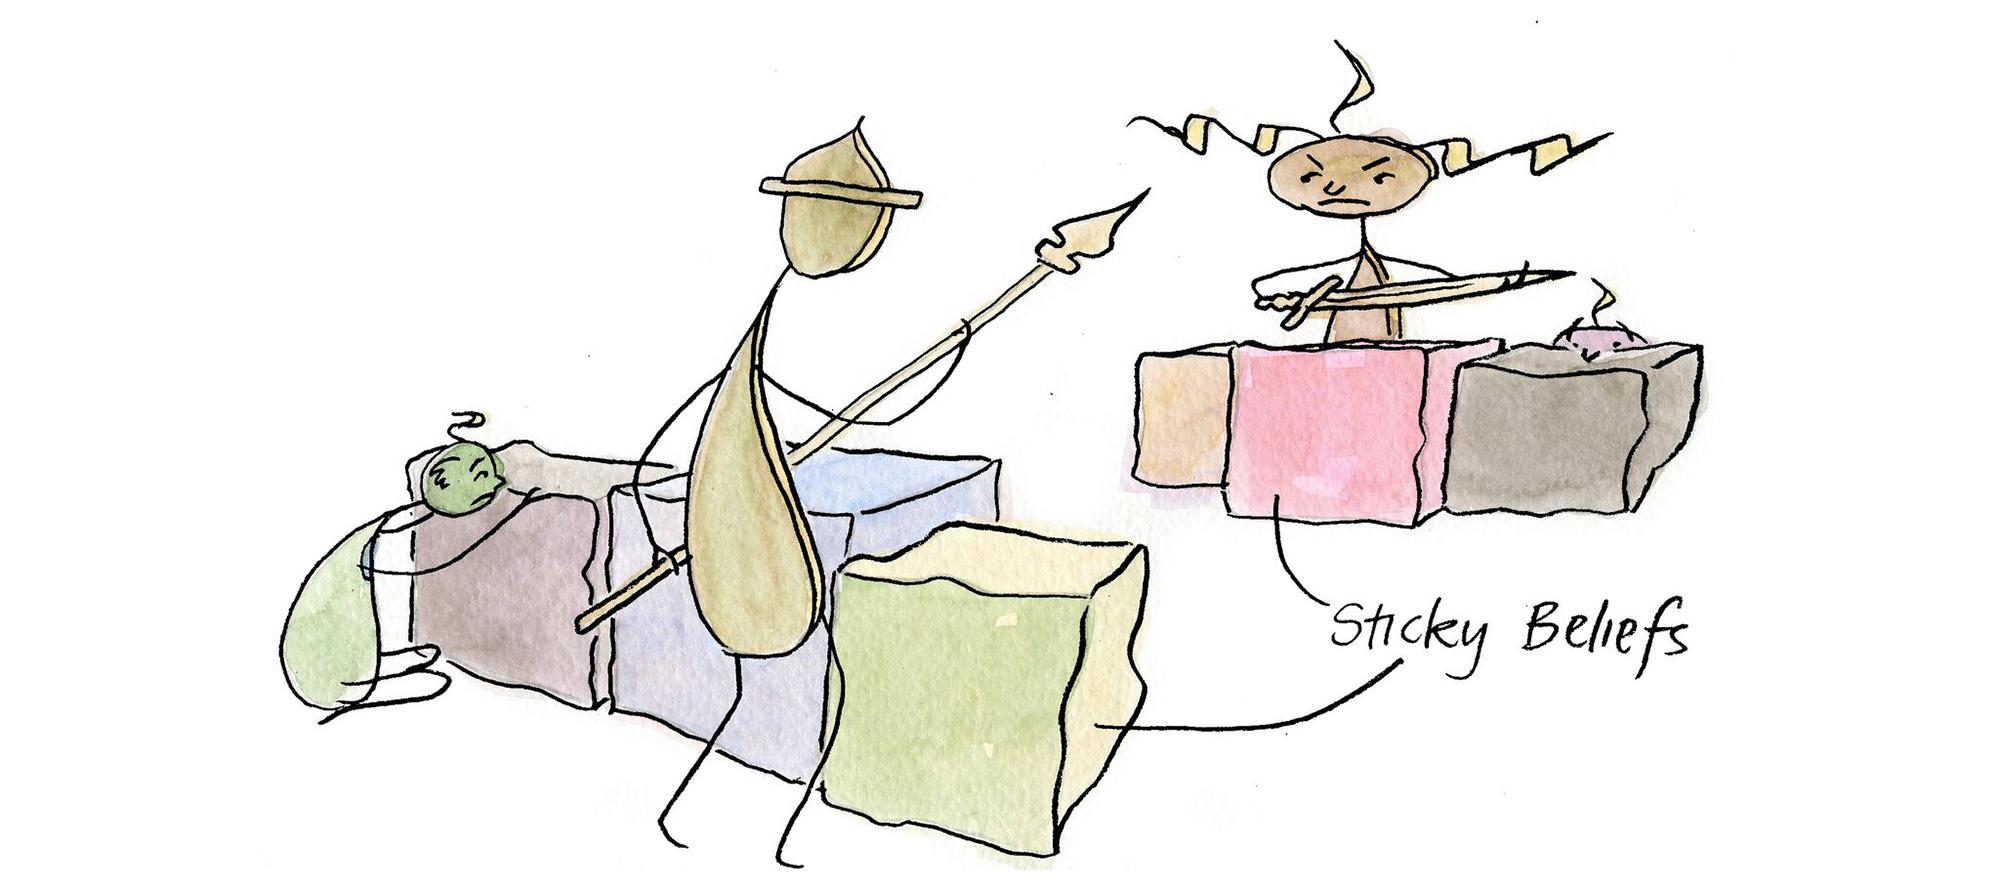 illustration by Bill Murray, PhD